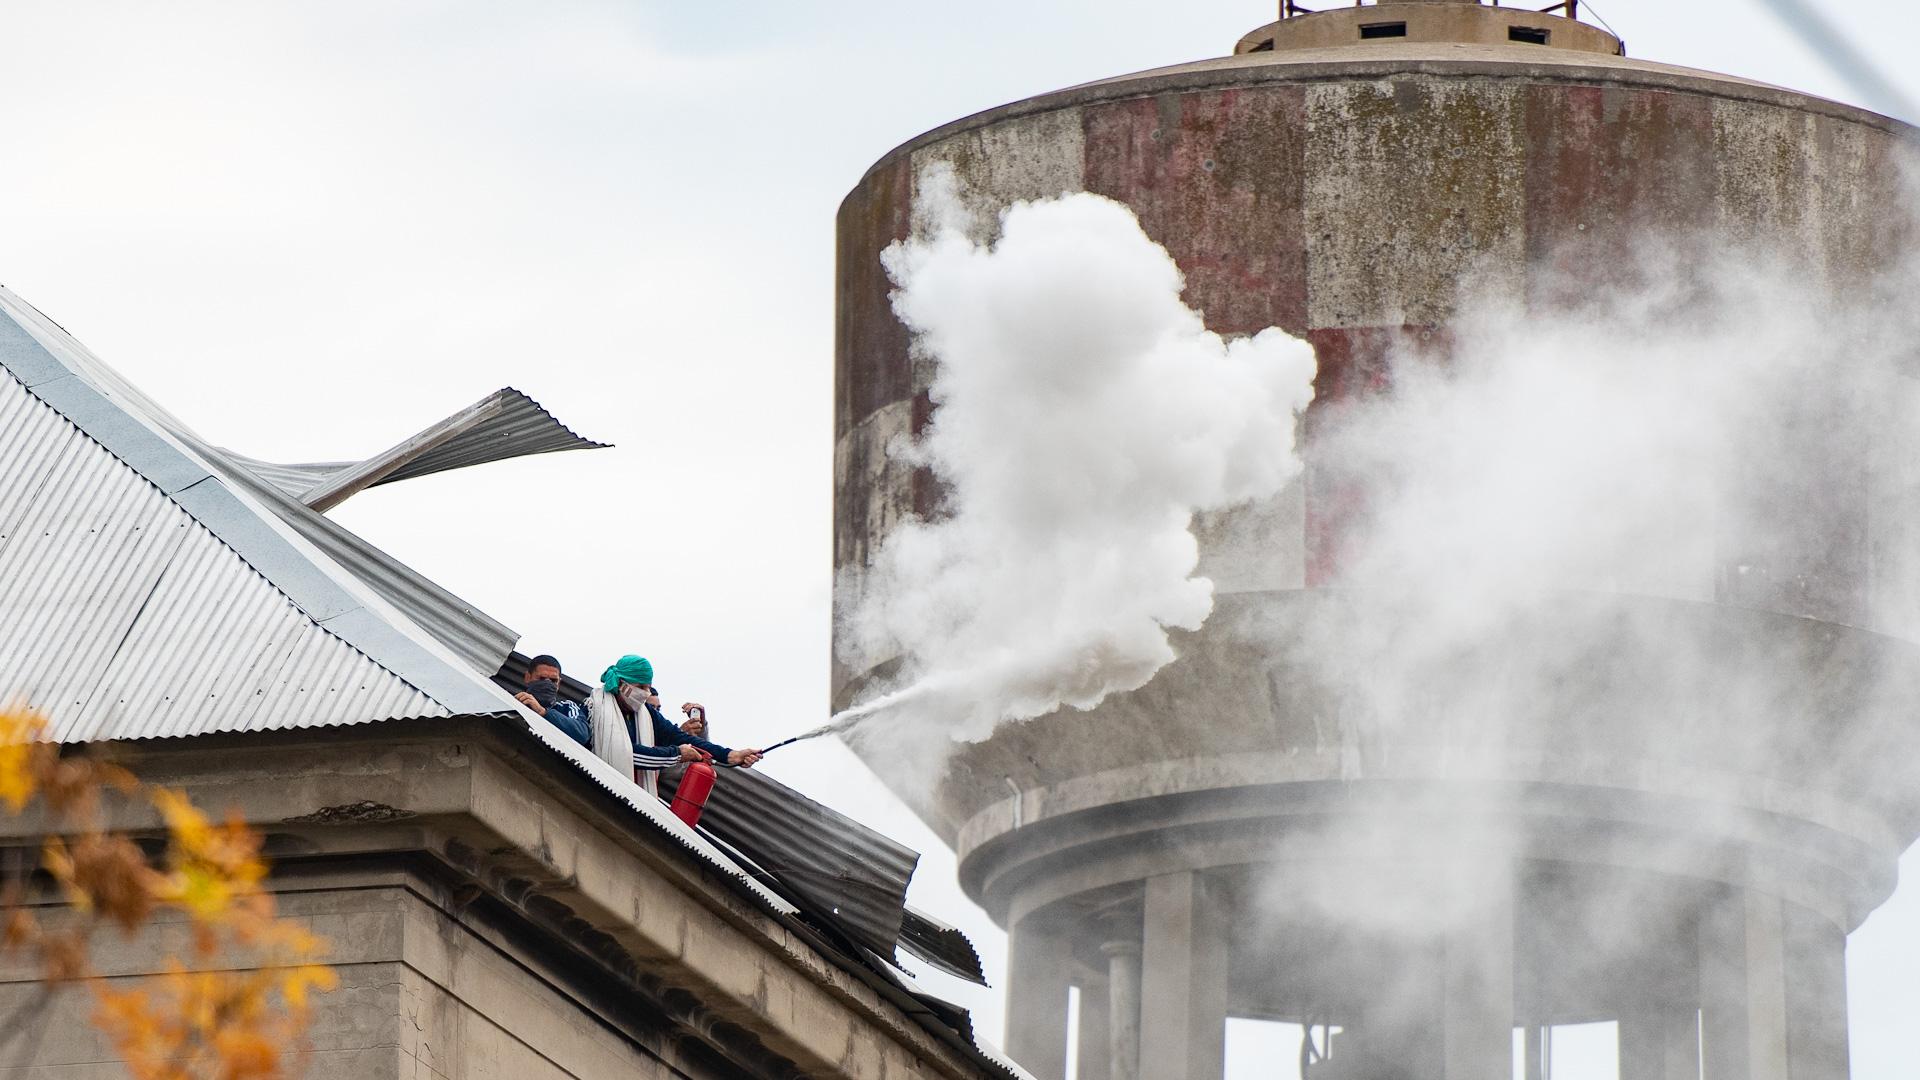 Las bengalas de humo también se vieron en el disturbio.